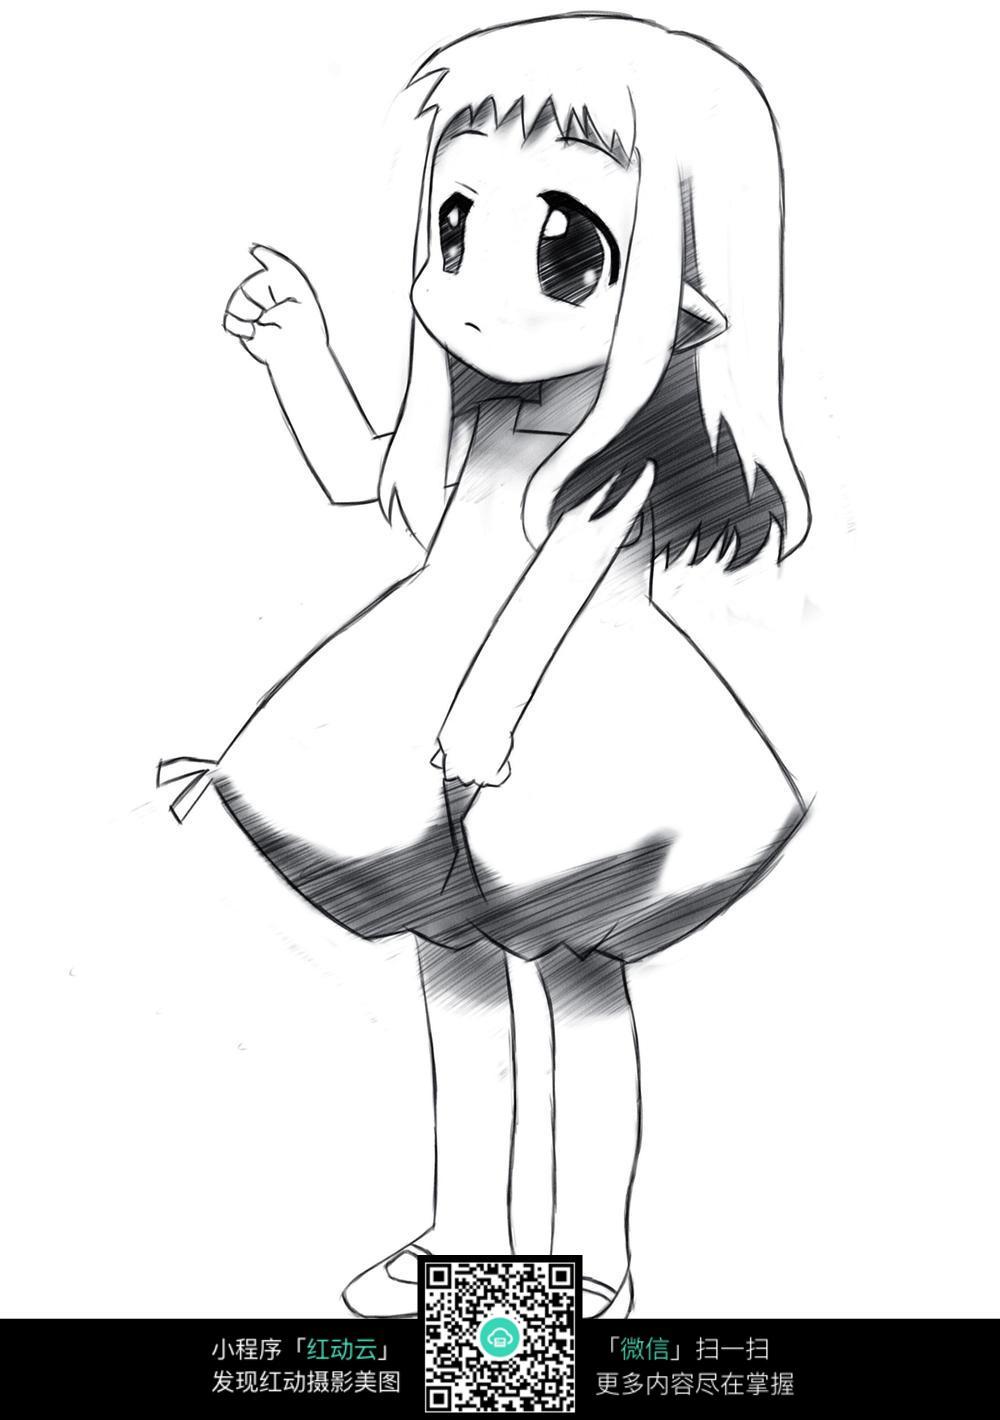 免费素材 图片素材 漫画插画 人物卡通 可爱小女孩漫画